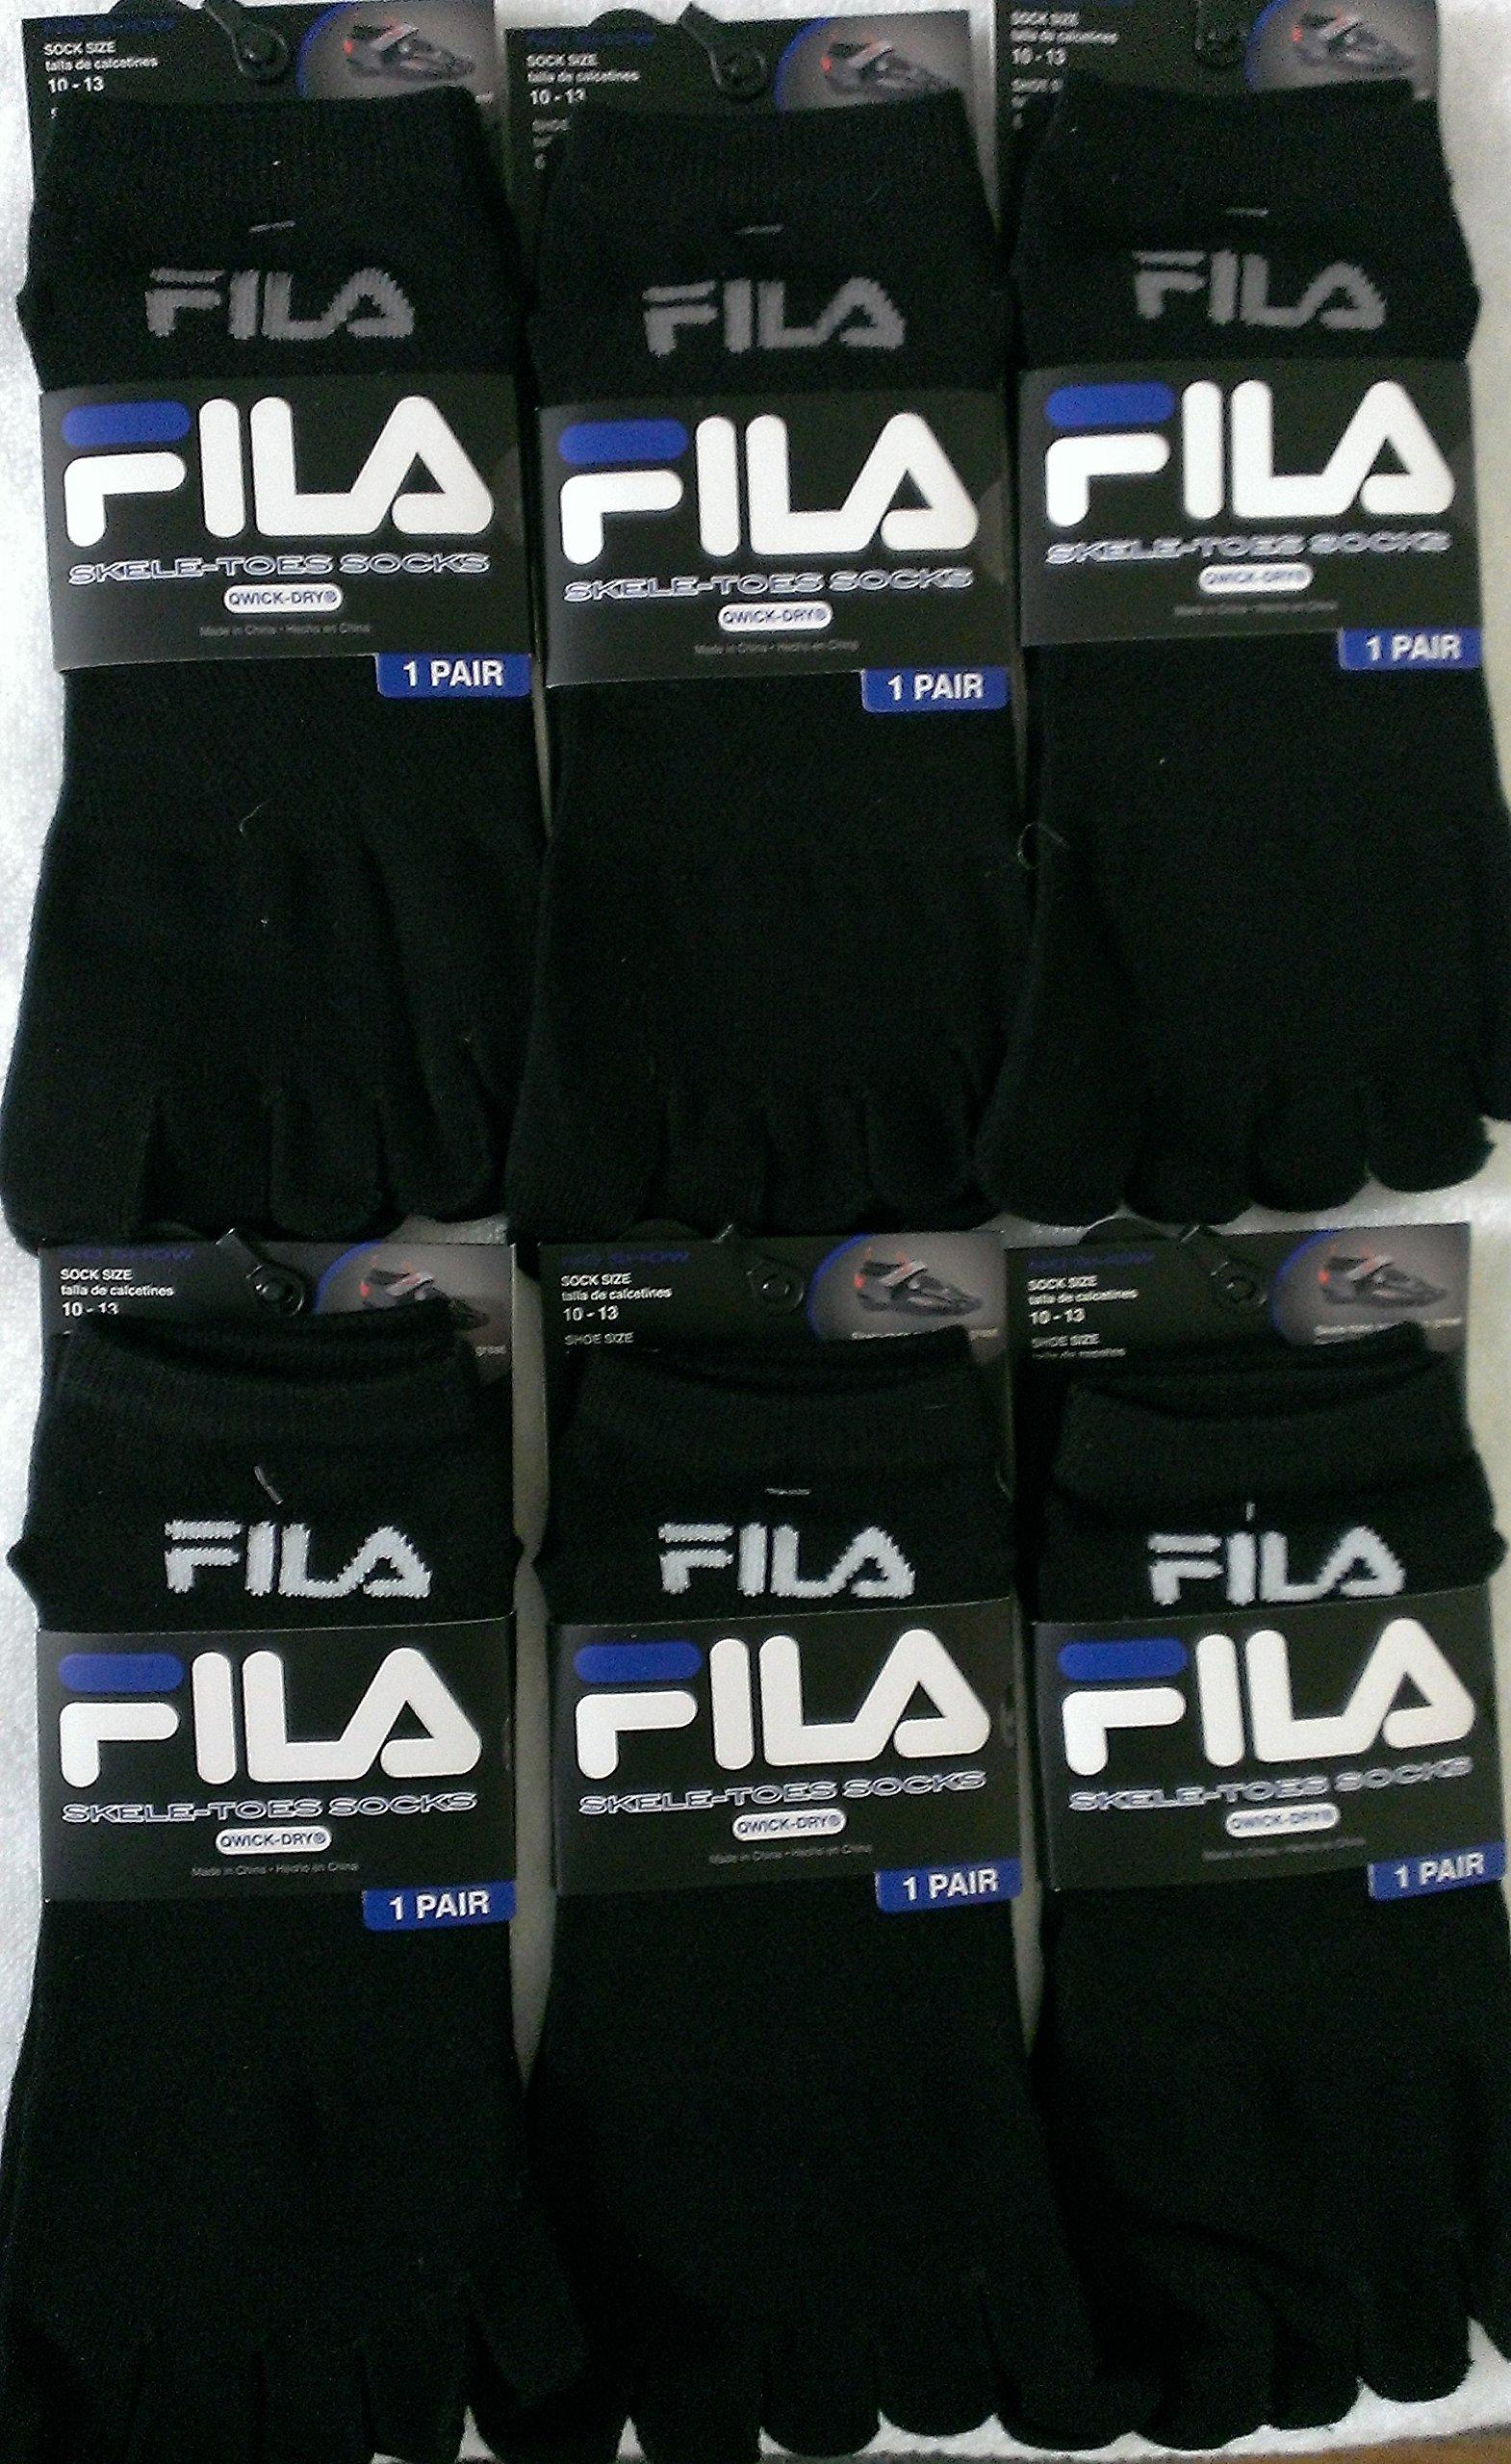 Fila Pack of 6 Pairs Skele-Toes-Socks -Men- Black 10-13 (Shoe Size 6-12.5)